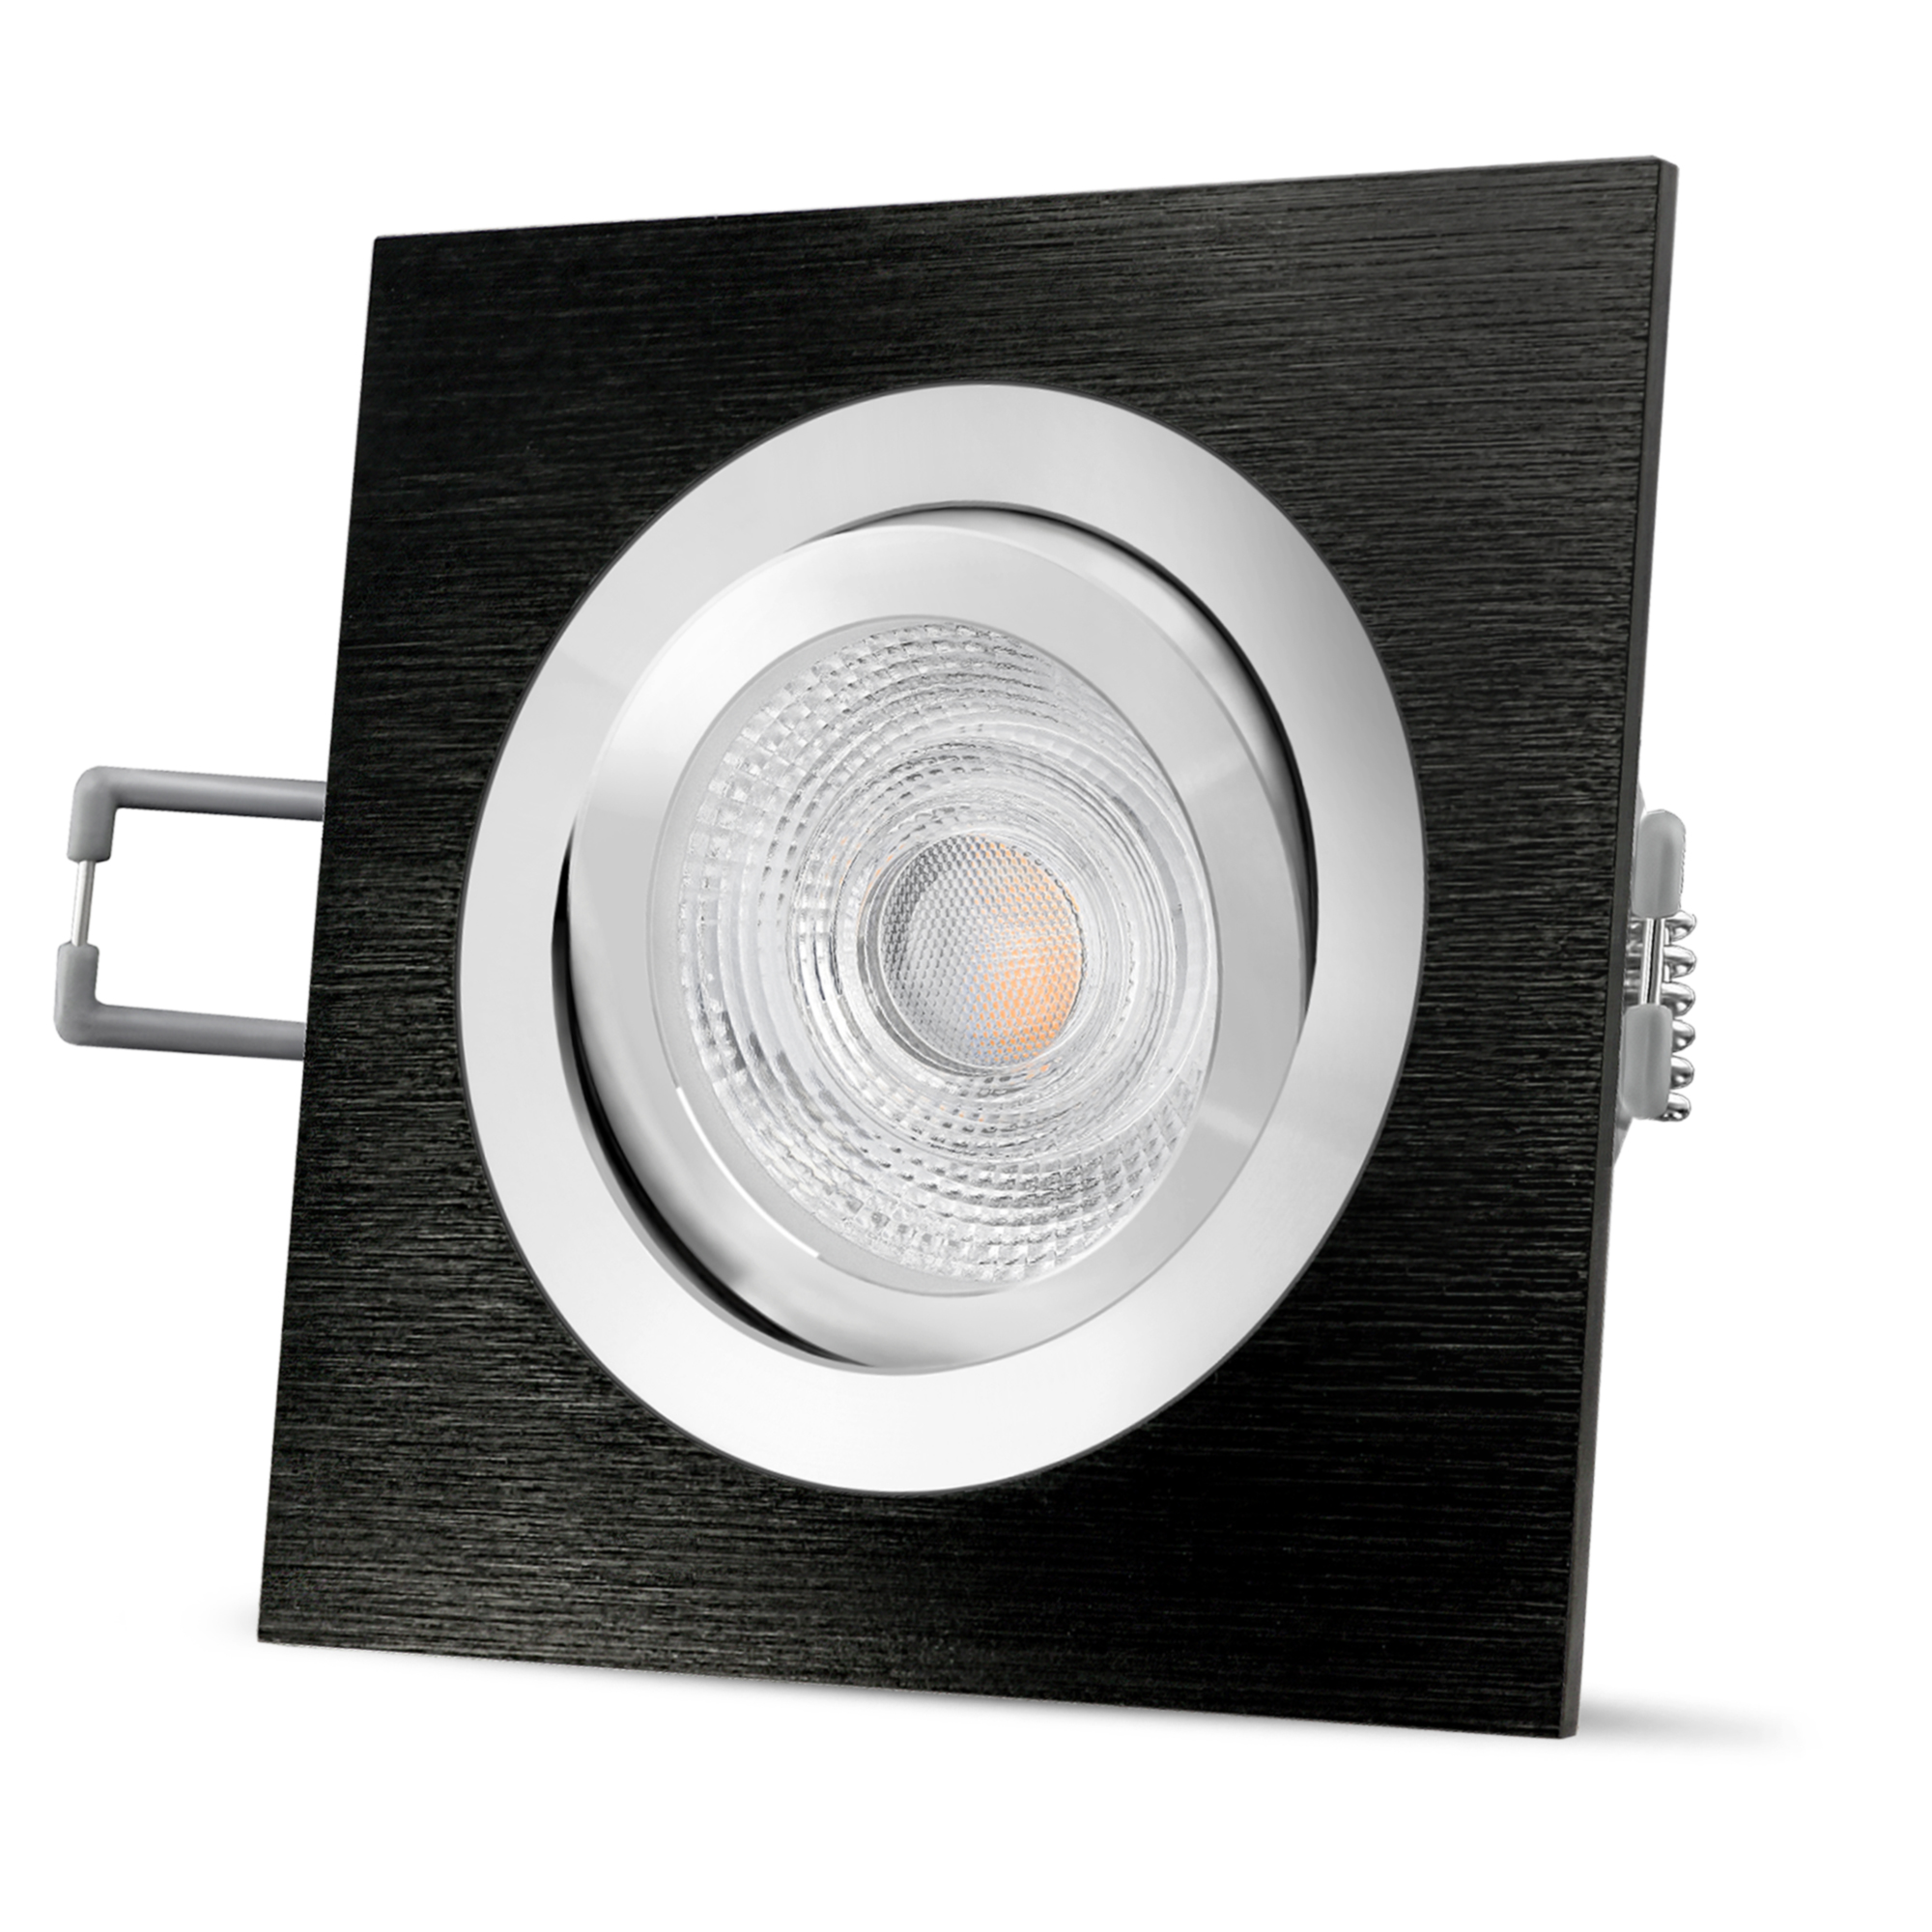 Einbaustrahler COB LED 5Watt 230Volt Sets Decken Einbauleuchten Alu gebürstet